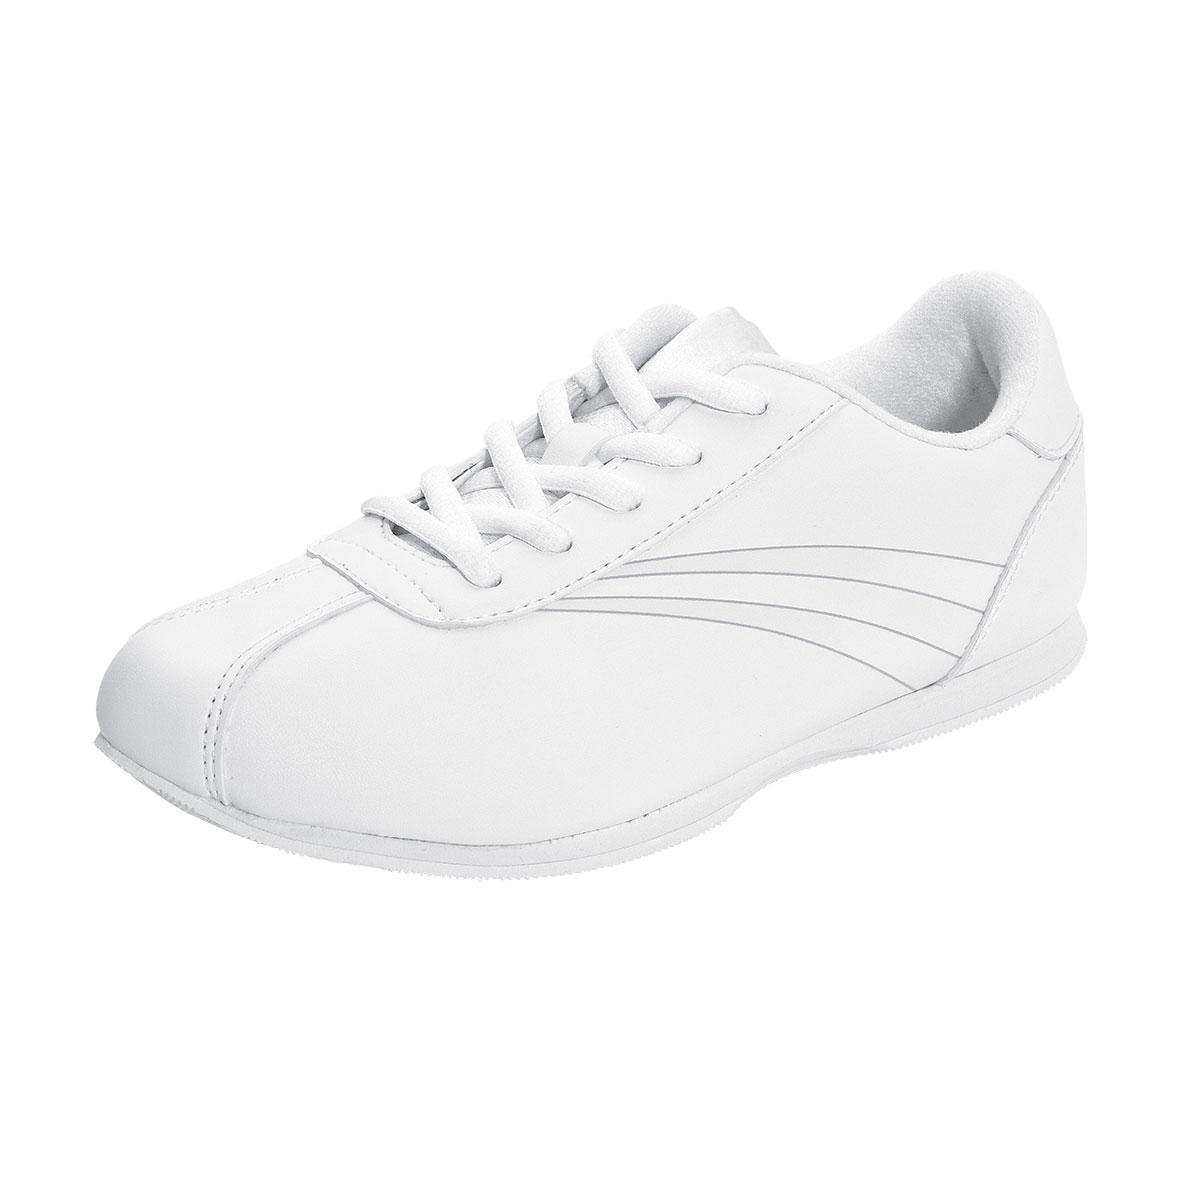 Fierce Feats Flare Cheer Shoe